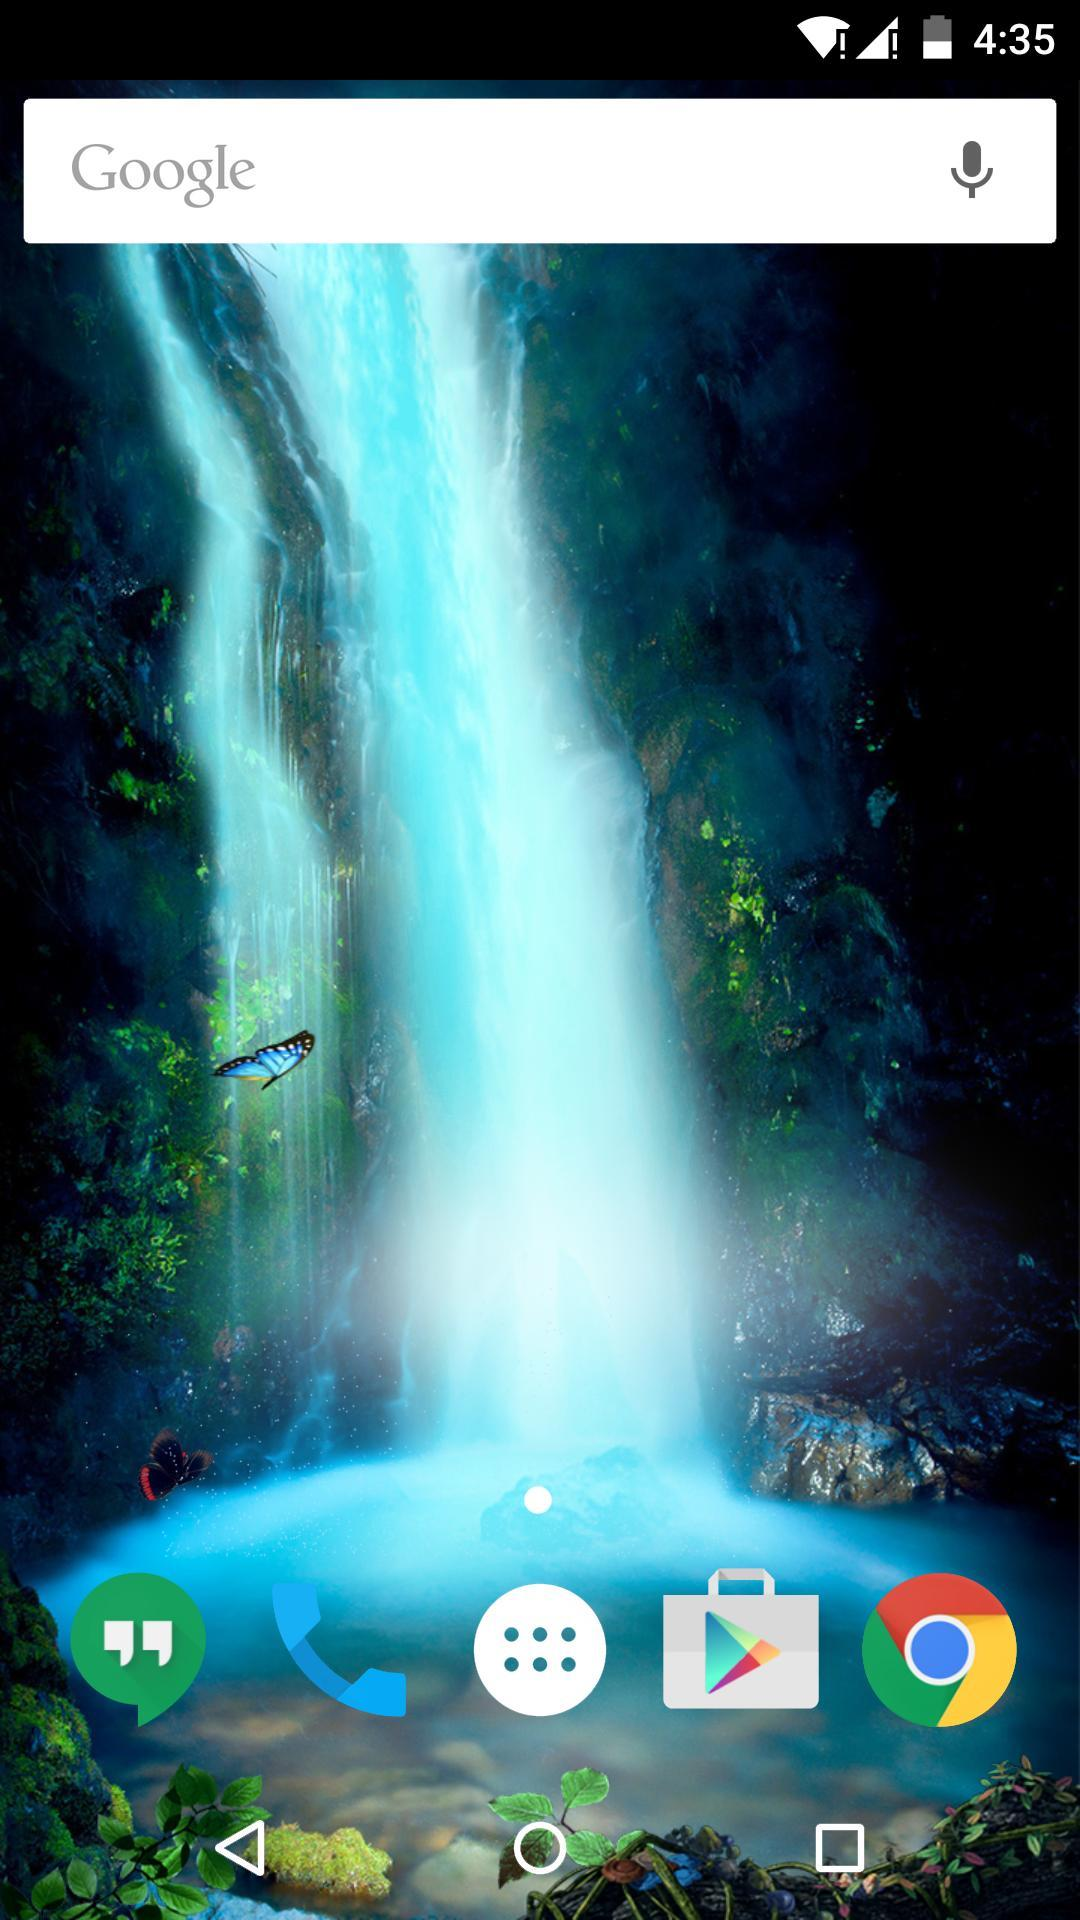 唯美瀑布-梦象动态壁纸